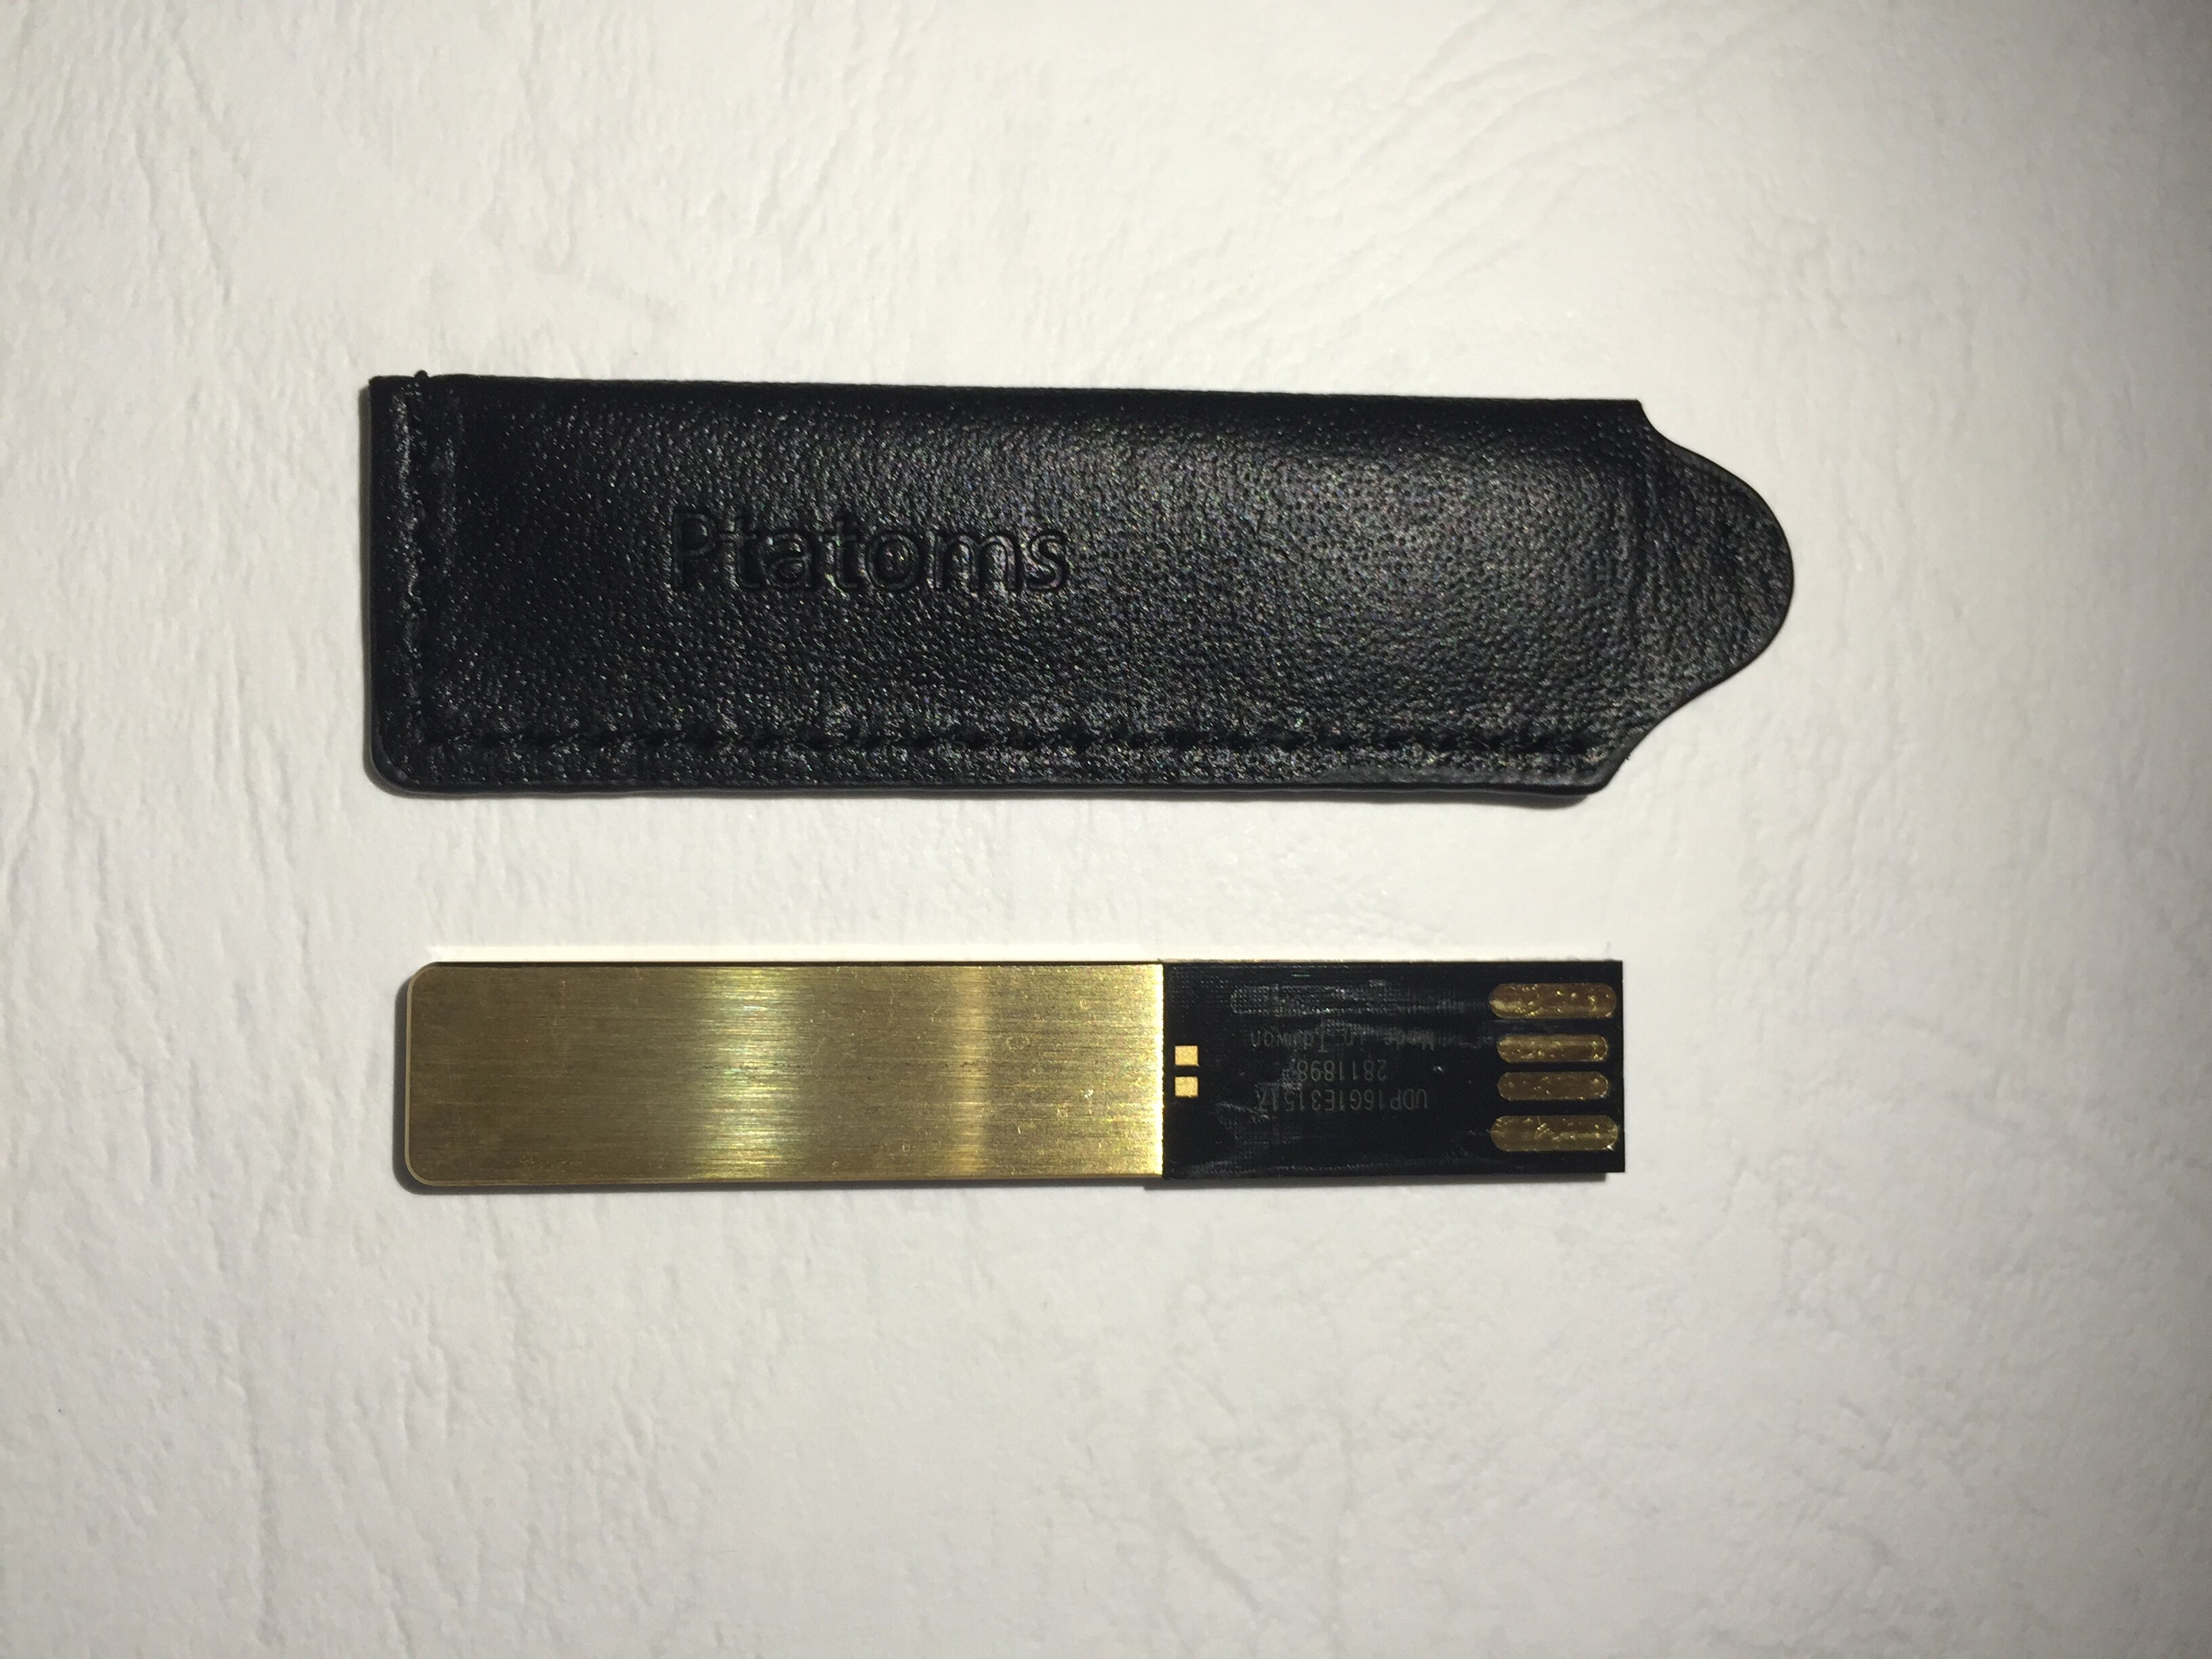 ELK-PTATOMS高品質金色USB隨身碟精美禮盒組16G(付黑色質感皮套) 2